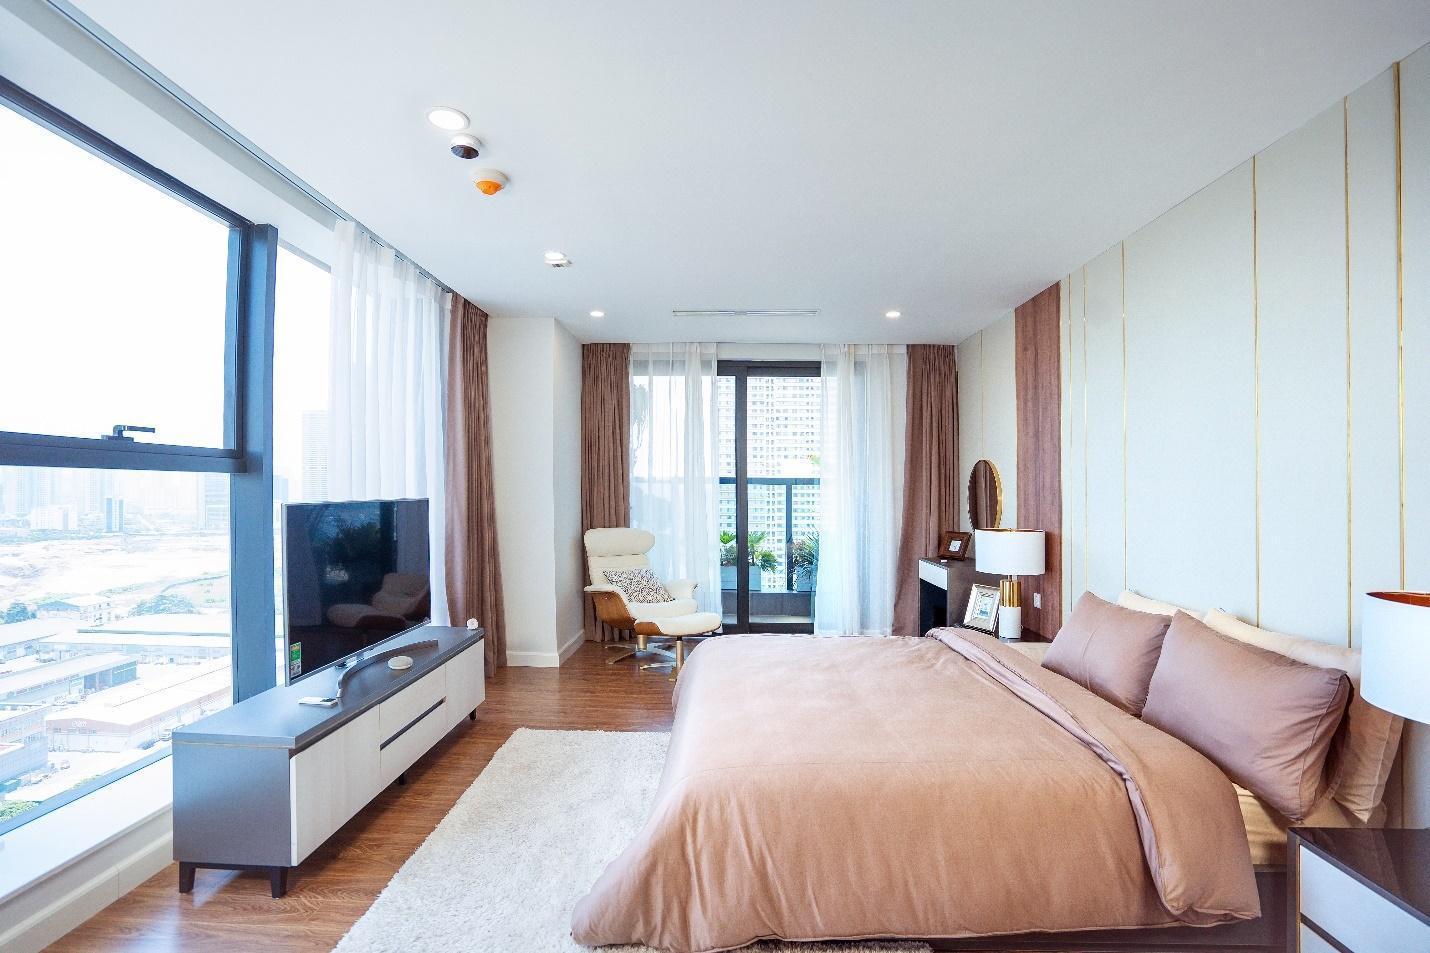 Sunshine Homes tung quỹ căn hộ 3 phòng ngủ 'đánh trúng' thị trường thiếu hụt  - Ảnh 1